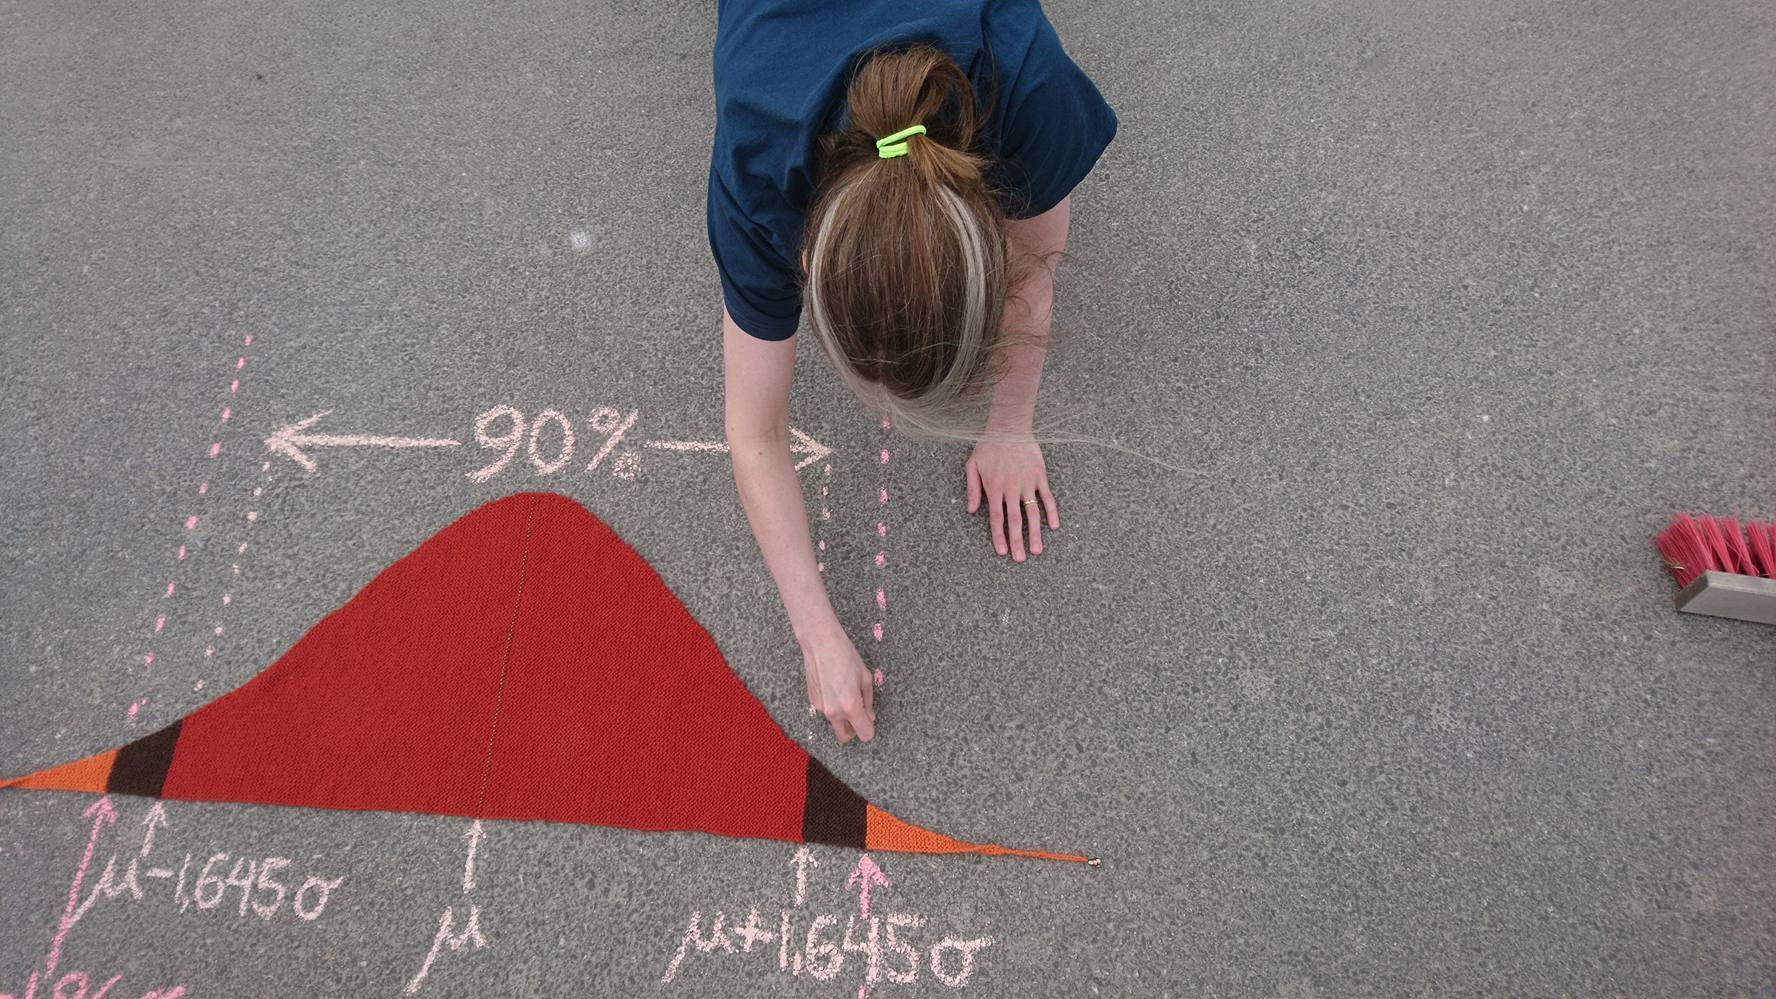 Kurs i visuell formidling av statistikk